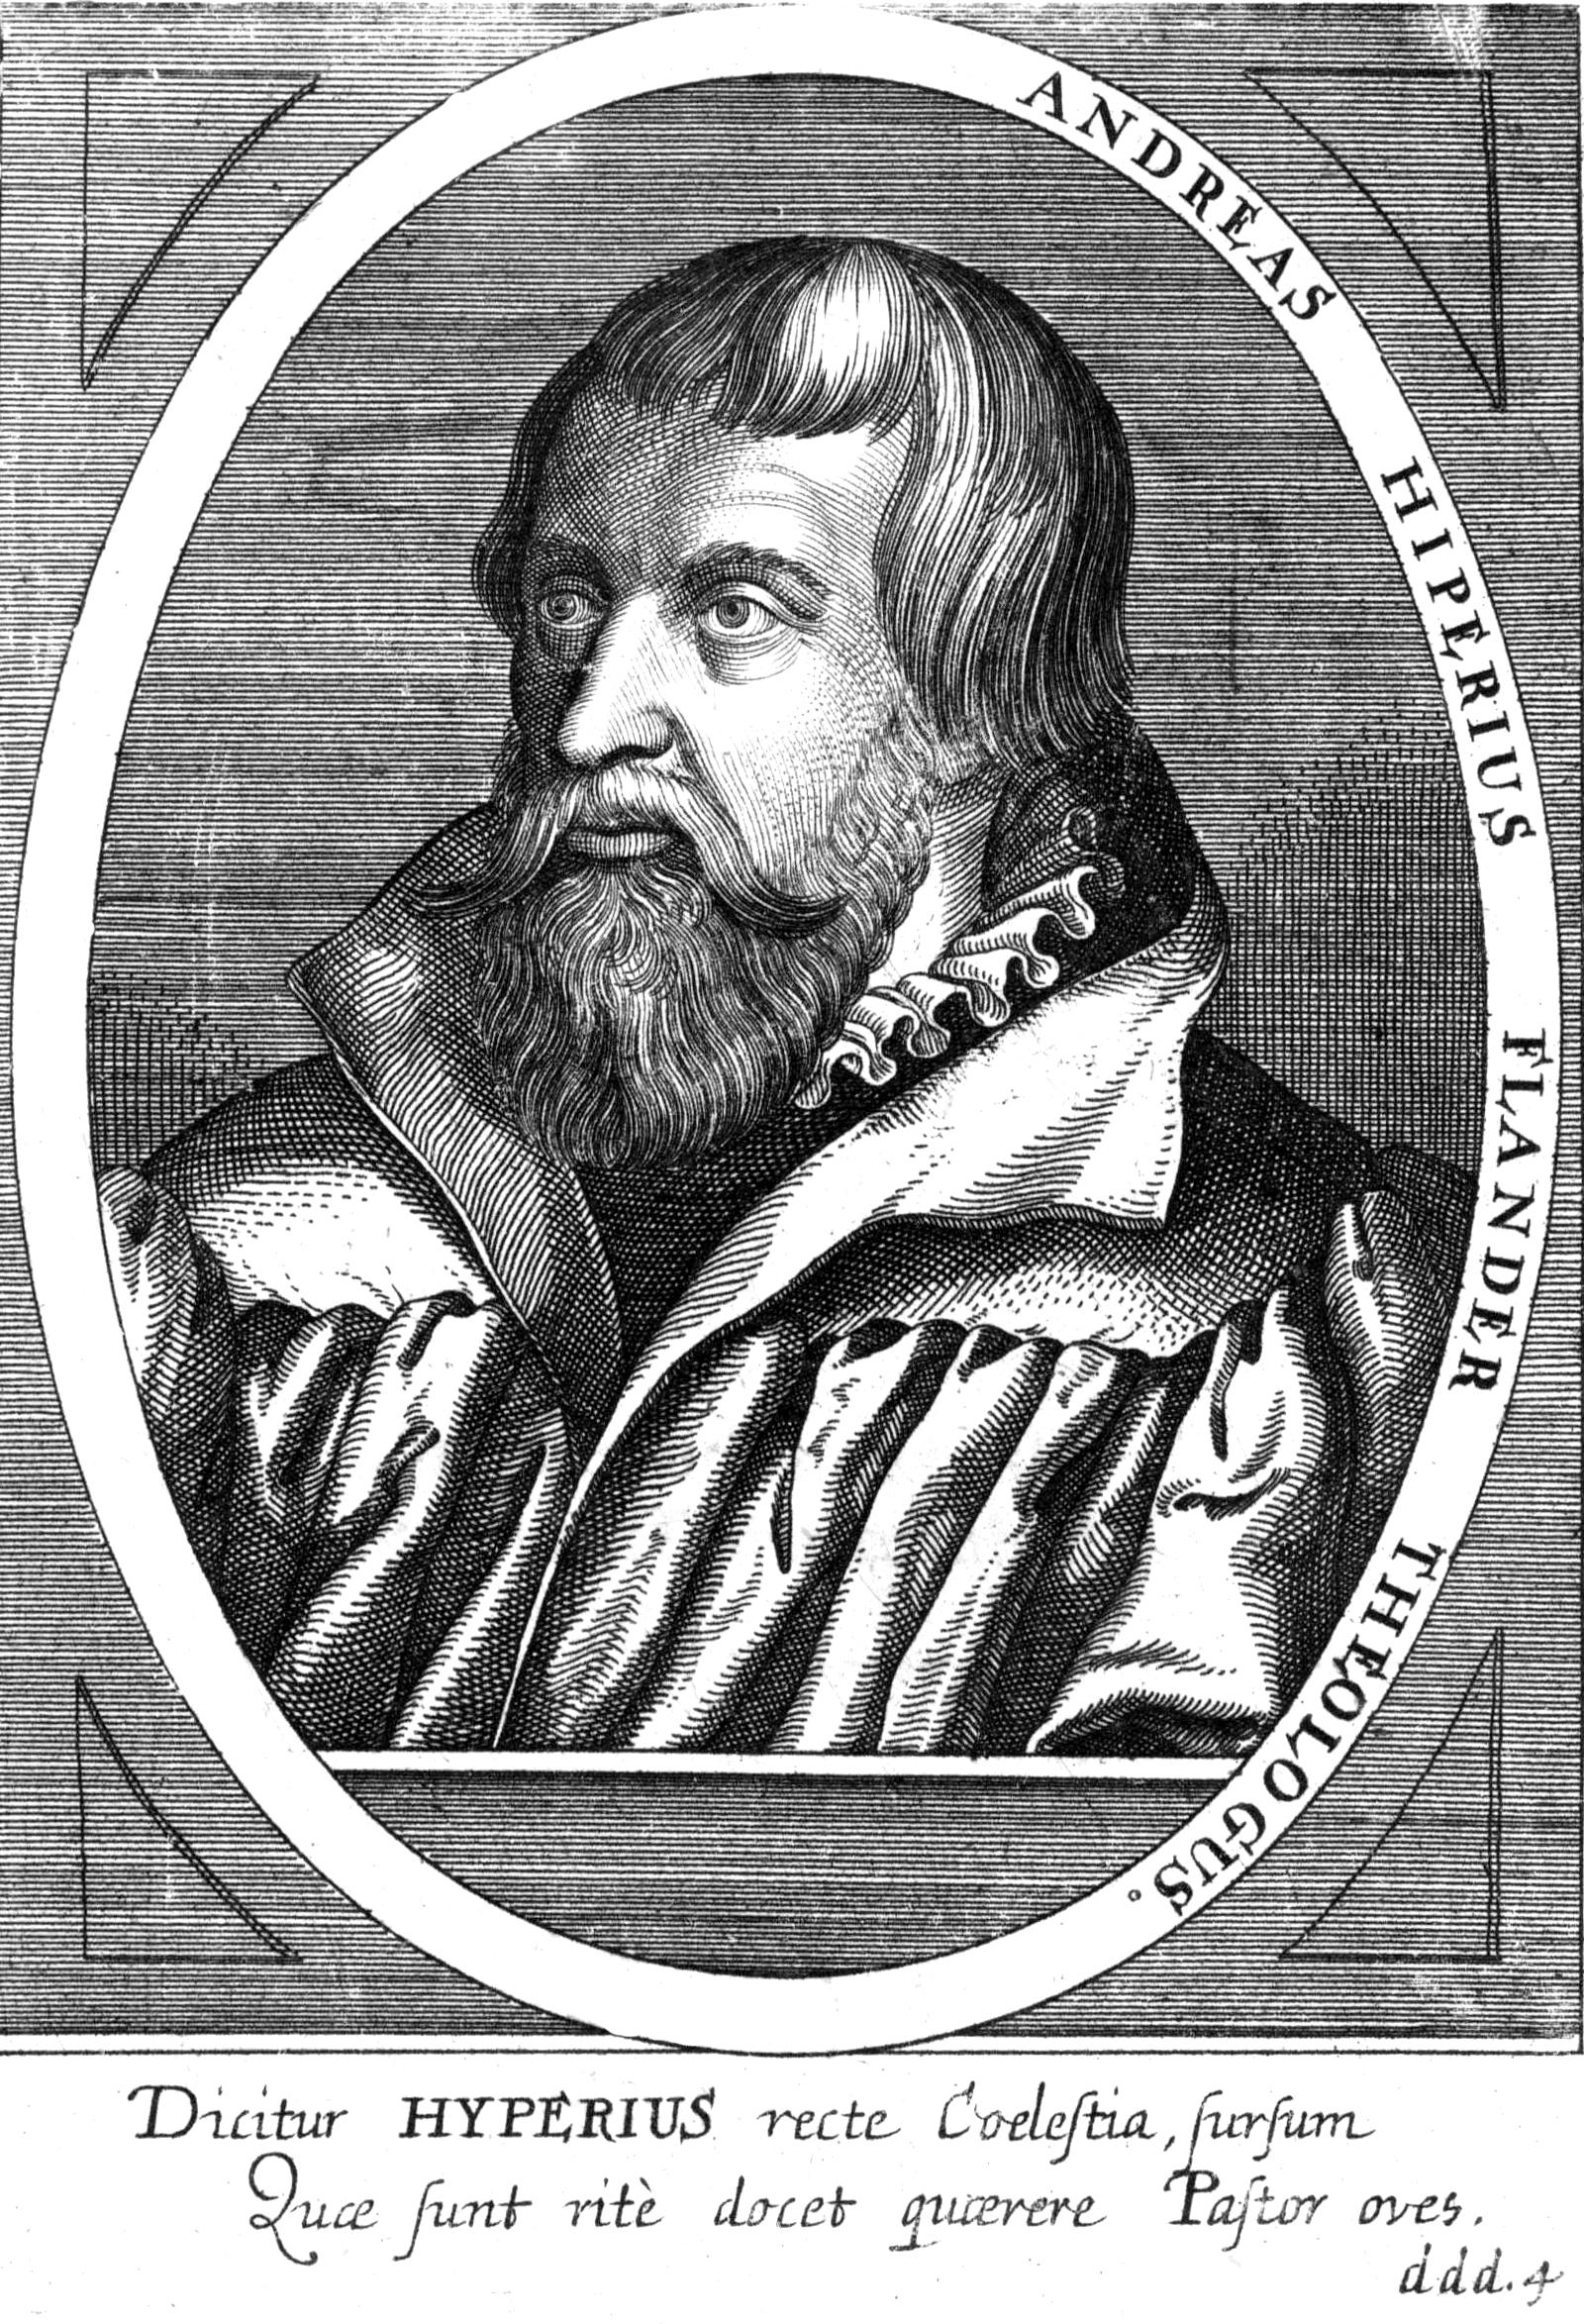 Andreas Hyperius